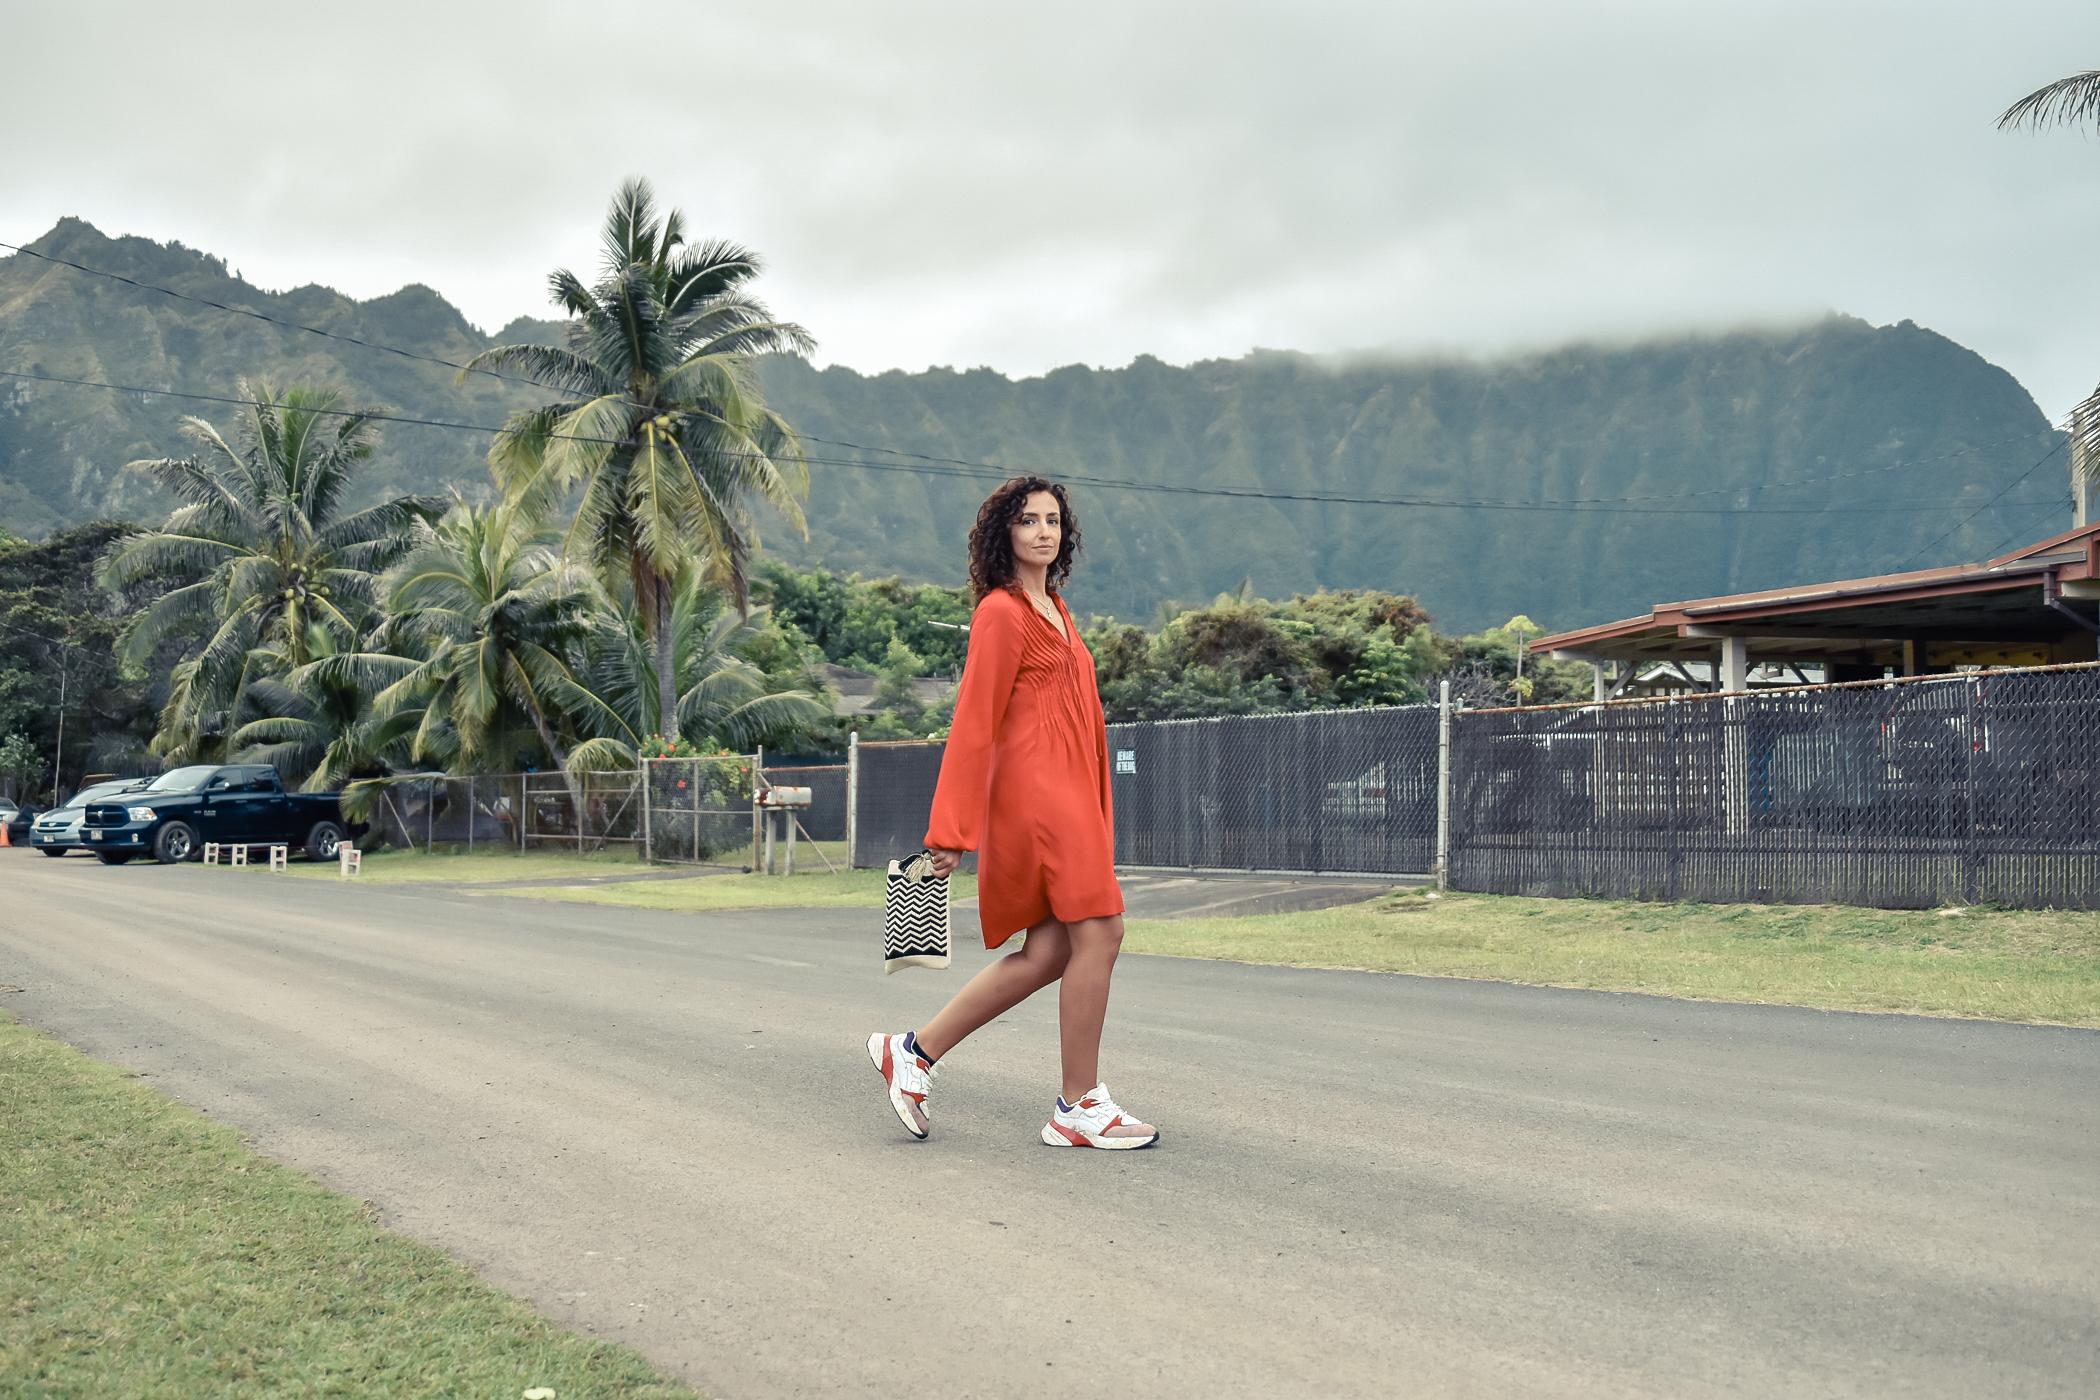 7-el-blog-de-silvia-viaje-hawaii-oahu-vestido-naranja